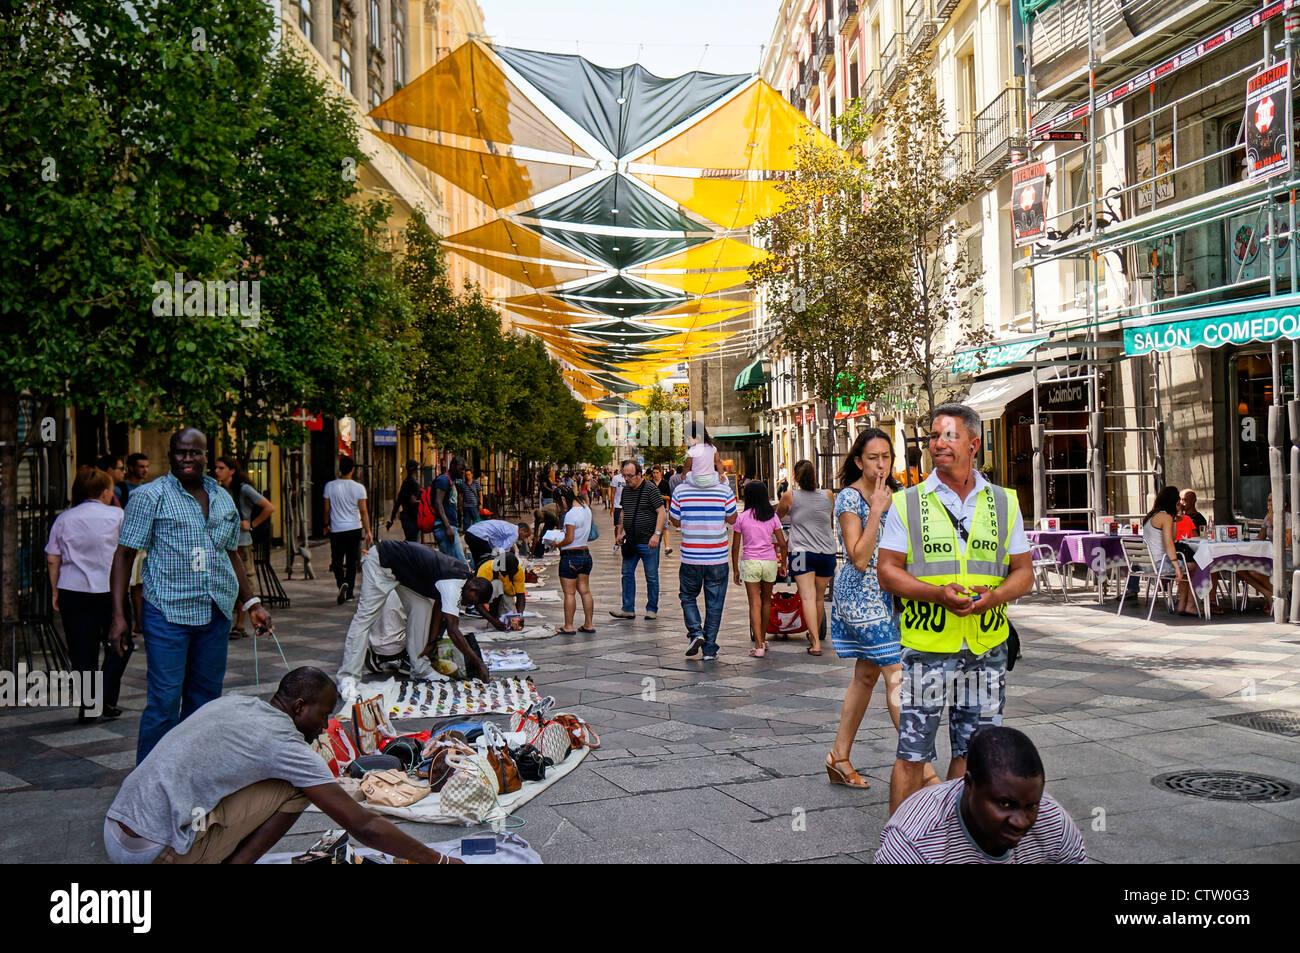 Centro est le quartier central de la ville de Madrid, Espagne Photo Stock